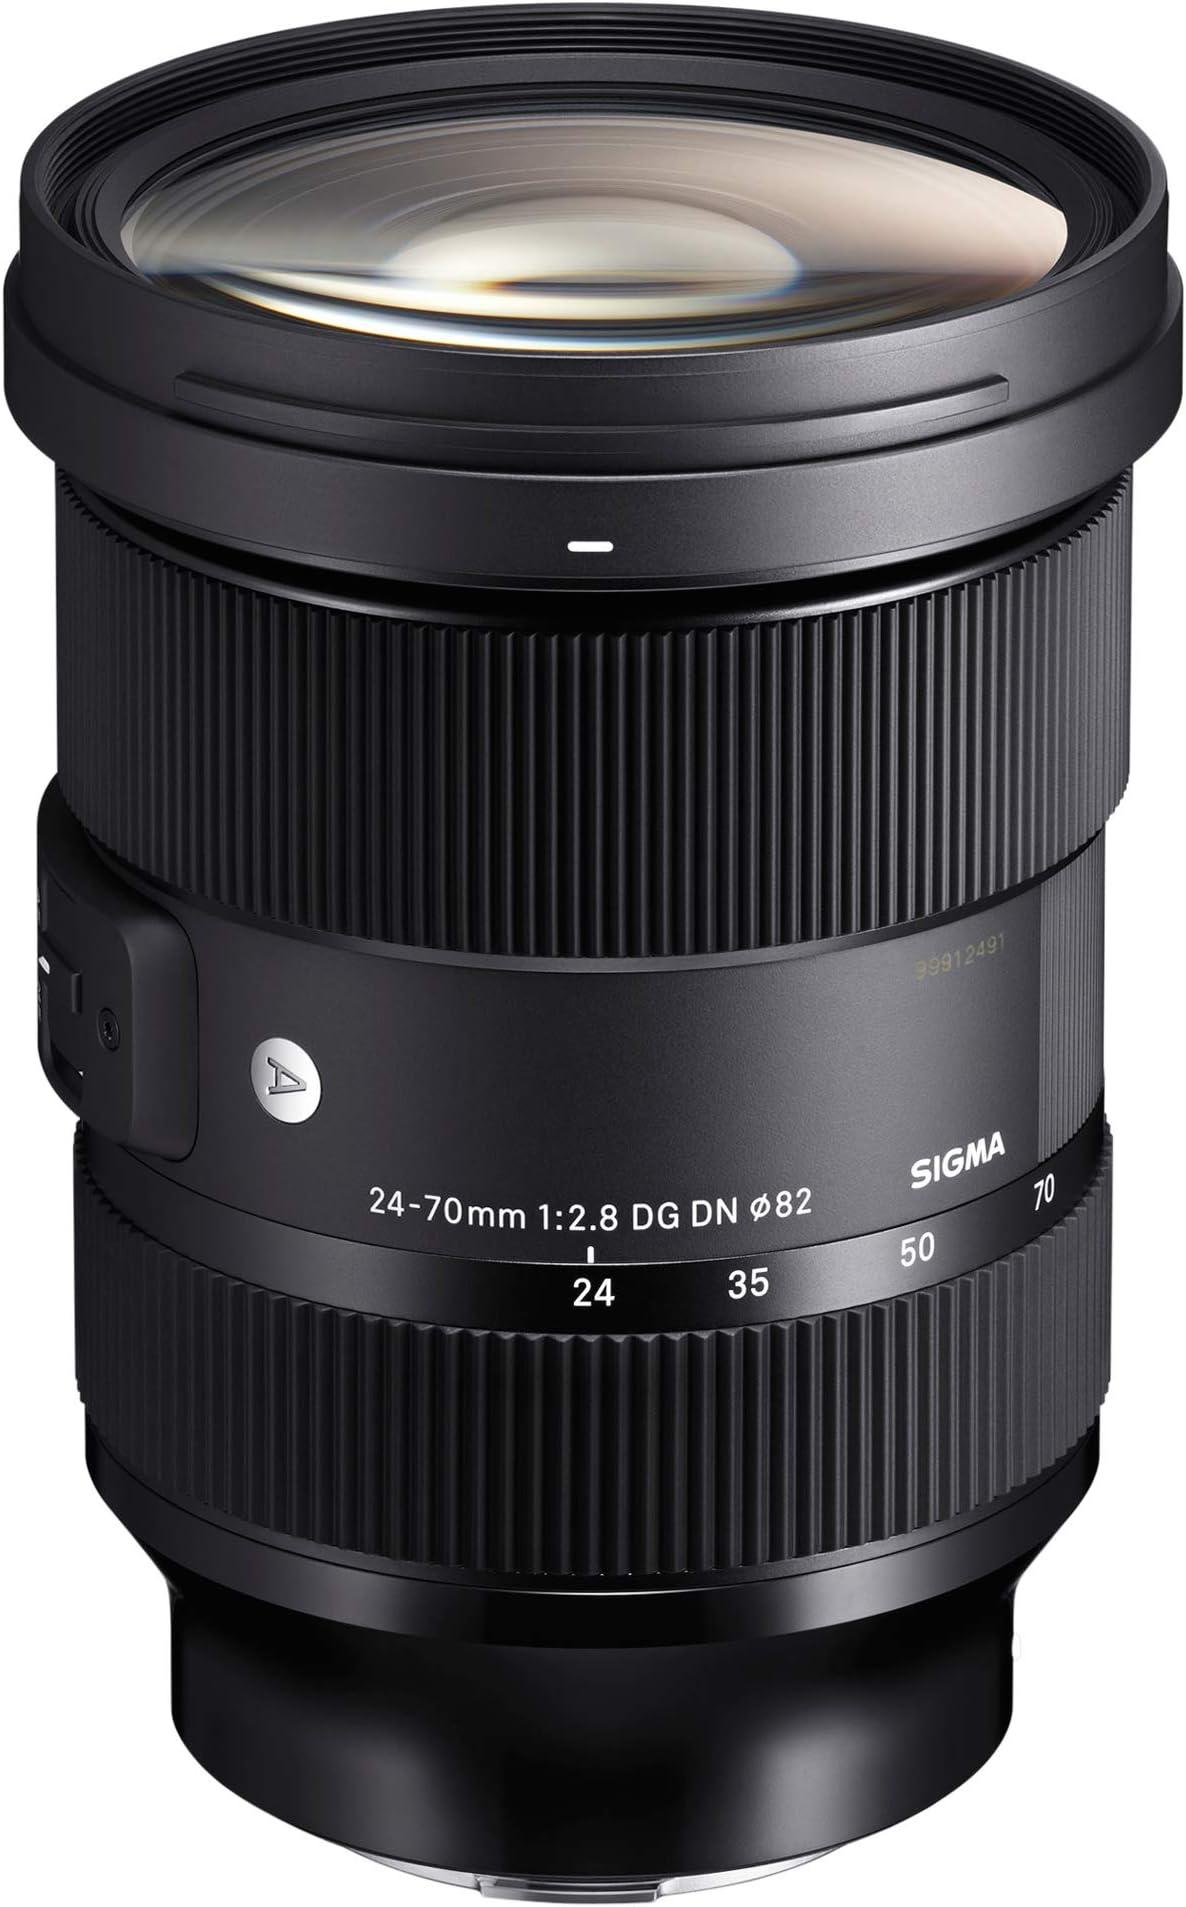 Sigma 24-70mm f/2.8 DG DN Art Zoom Full Frame L-Mount Lens